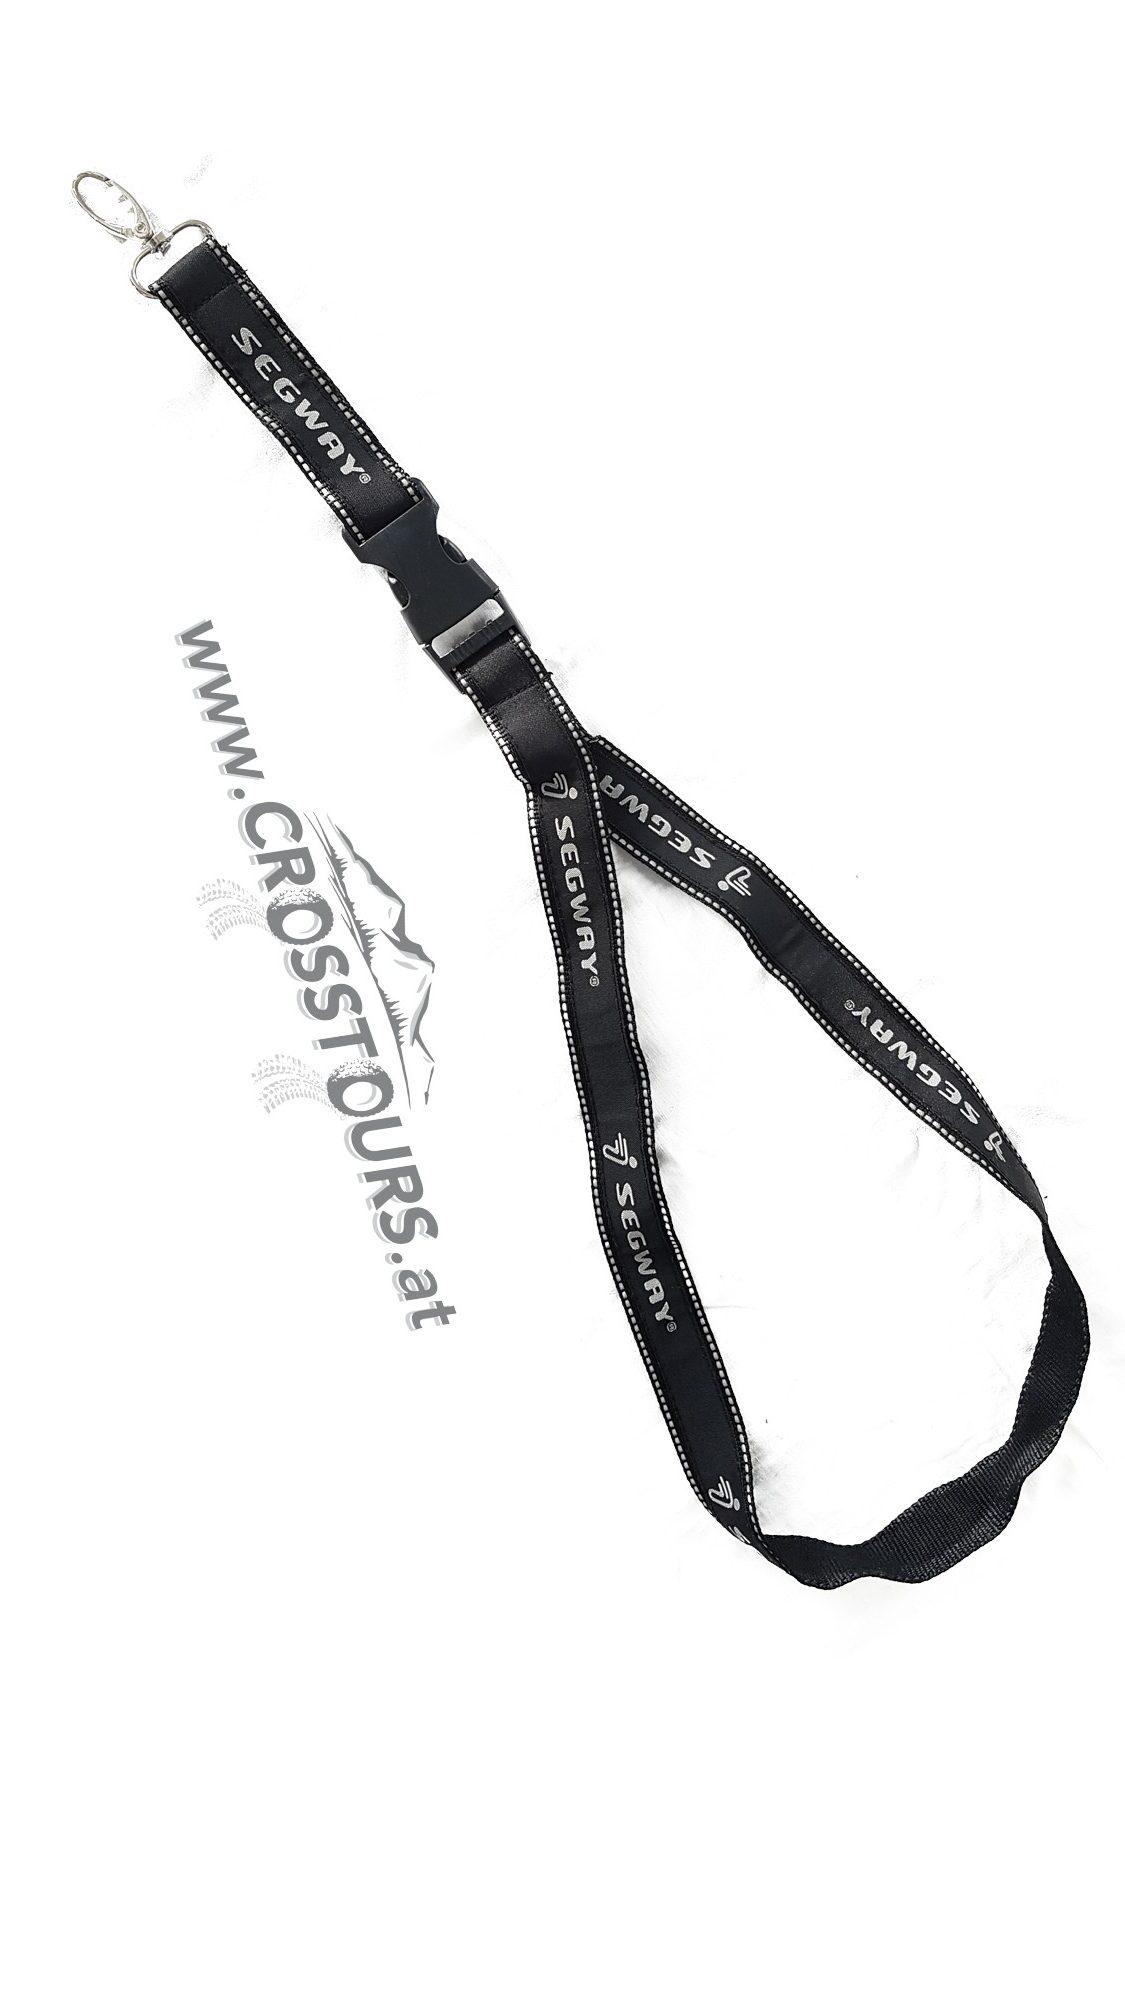 SEGWAY PT Schlüsselband Schlüsselanhänger Tourguide CROSSTOURS AT Geschenk 01